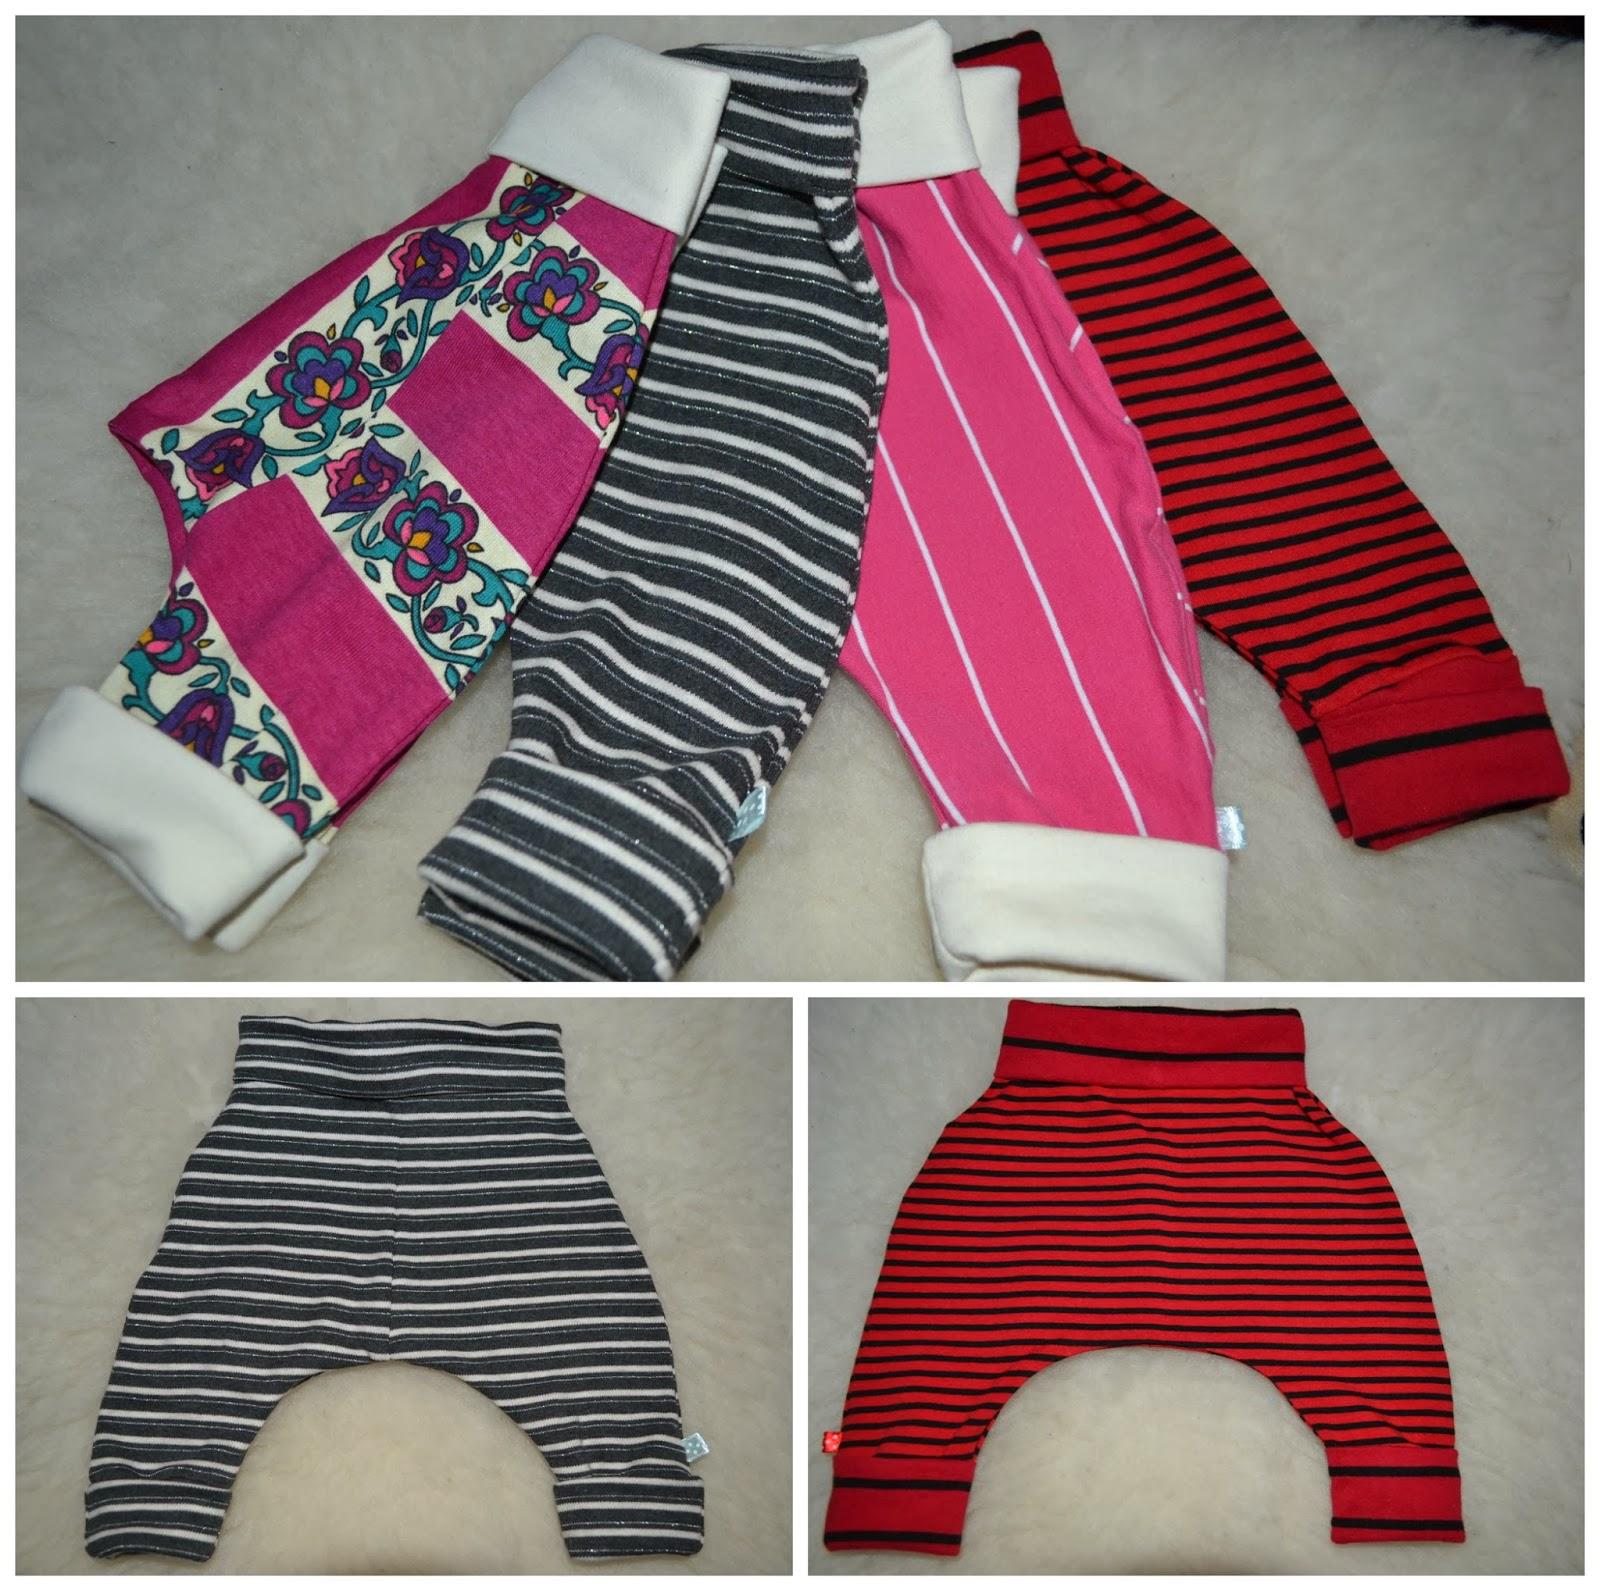 459e919b9d6 Hallitriibulistest pükstest kirjutan kunagi edaspidi, sest sellest riidest  on mul ka kaks paari erinevaid